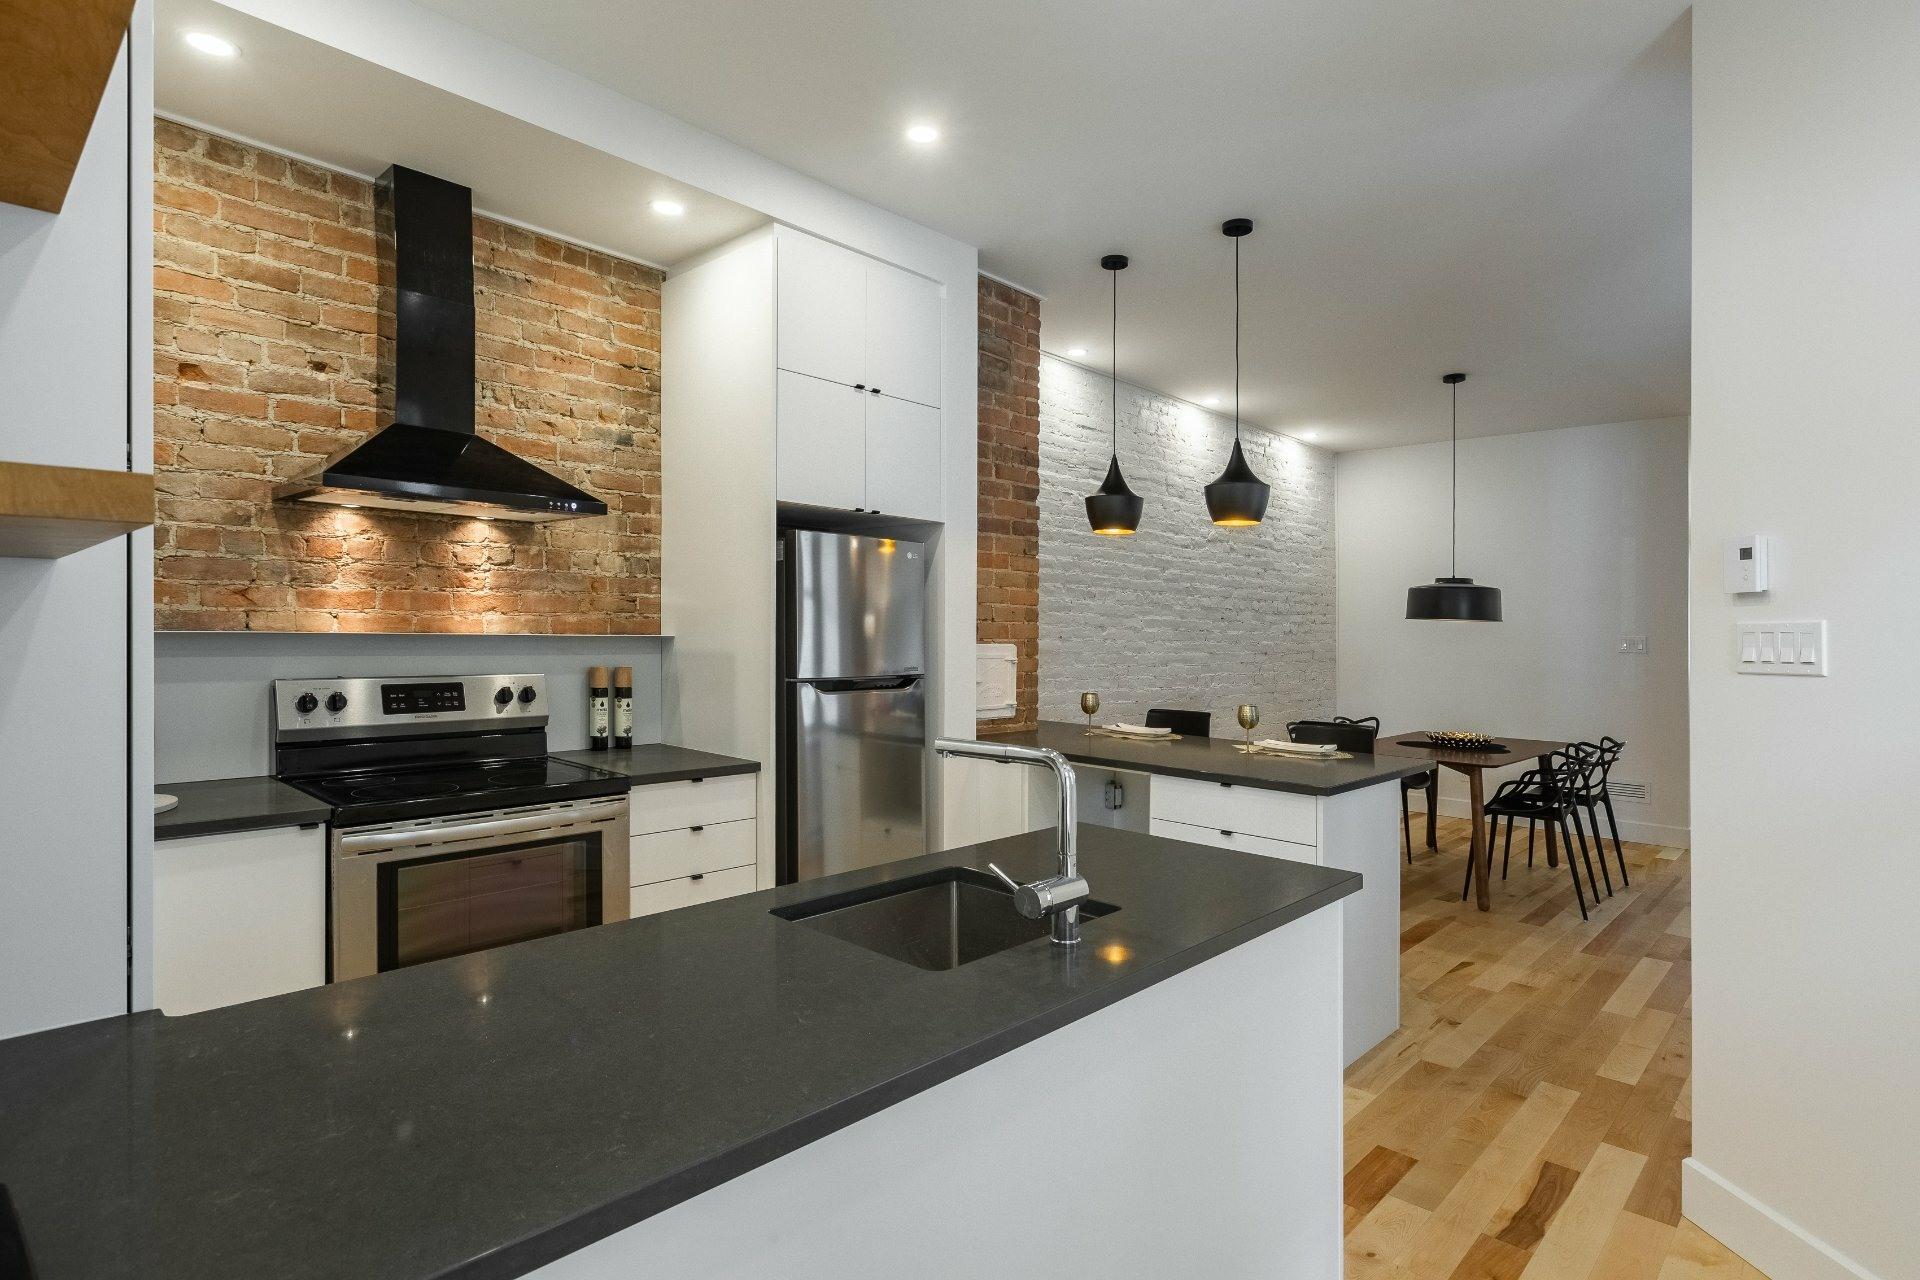 image 4 - Appartement À louer Montréal Le Plateau-Mont-Royal  - 9 pièces